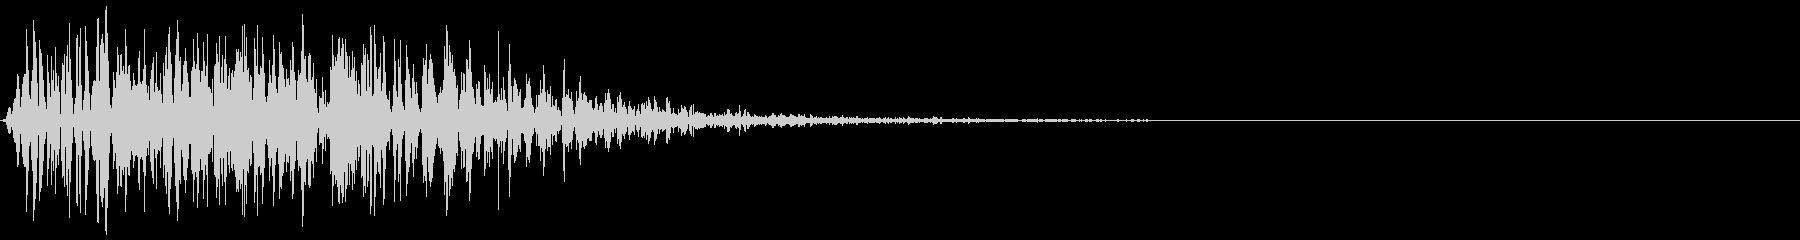 パンチ等の肉体的打撃音のイメージです。の未再生の波形